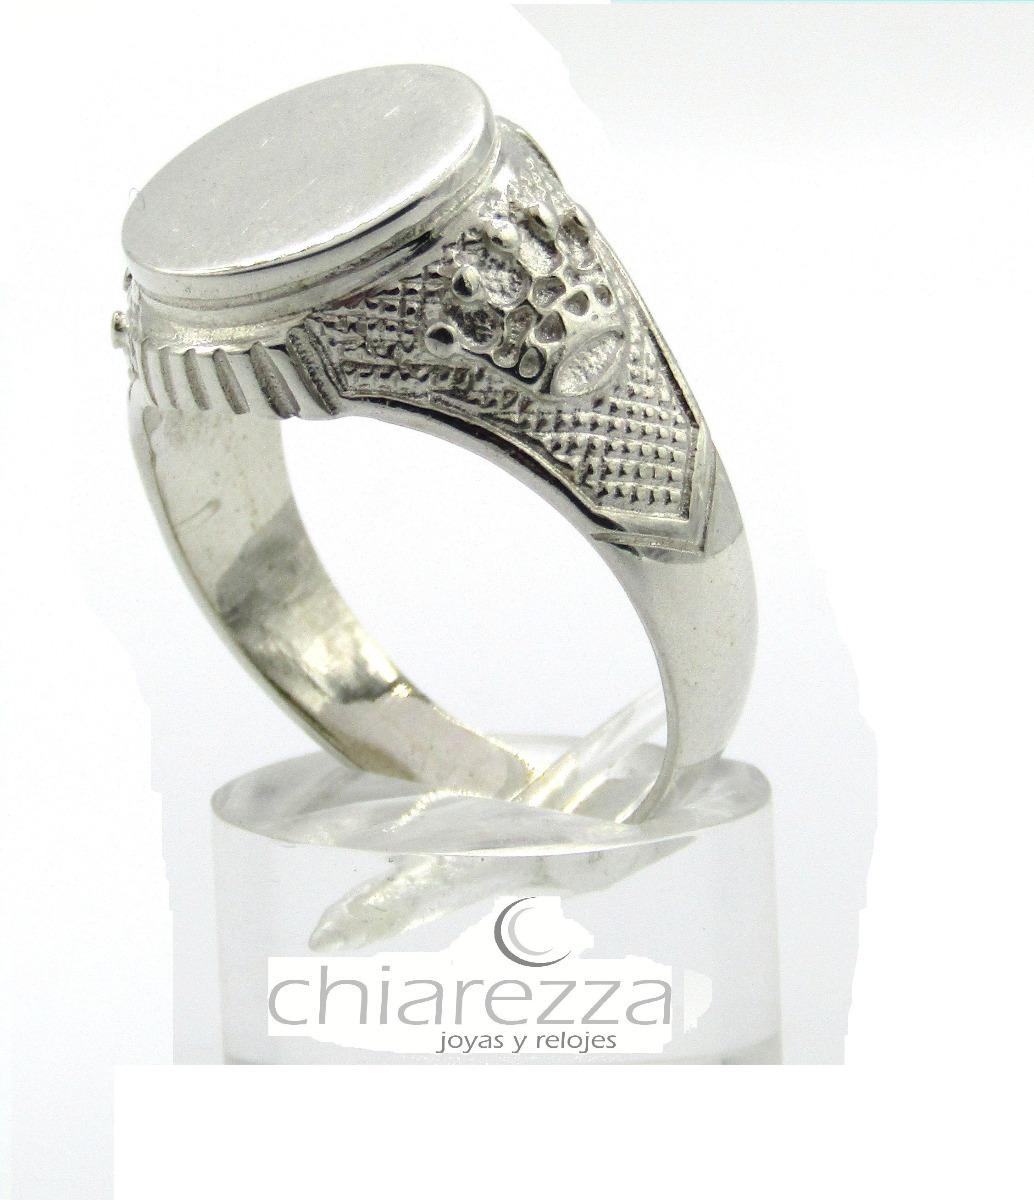 c9cbf4631474 anillo sello de hombre plata 925 c coronas para grabar. Cargando zoom.